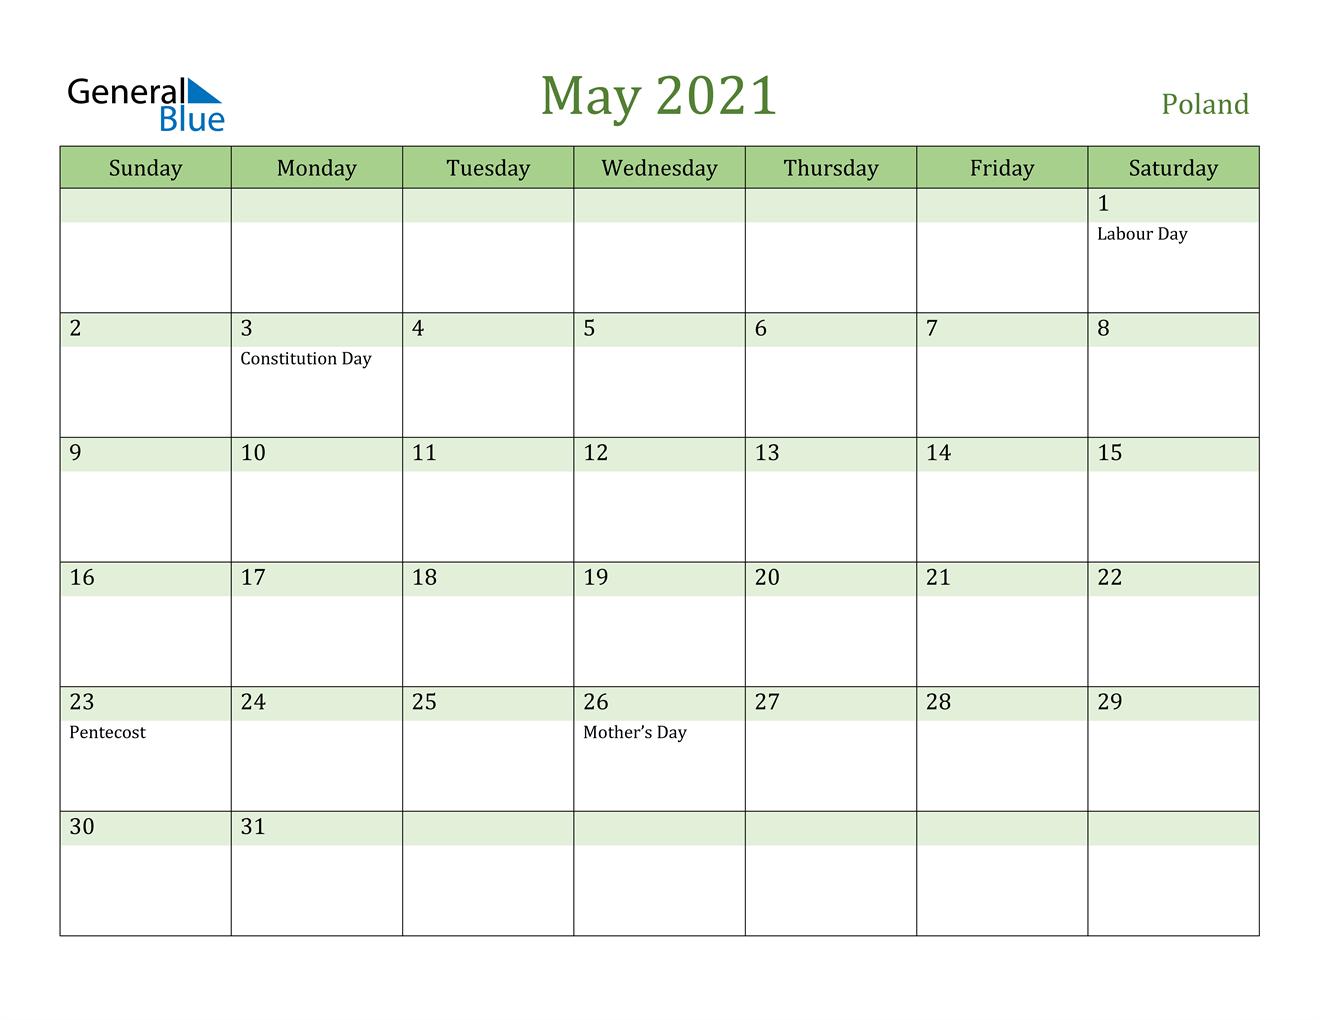 May 2021 Calendar - Poland